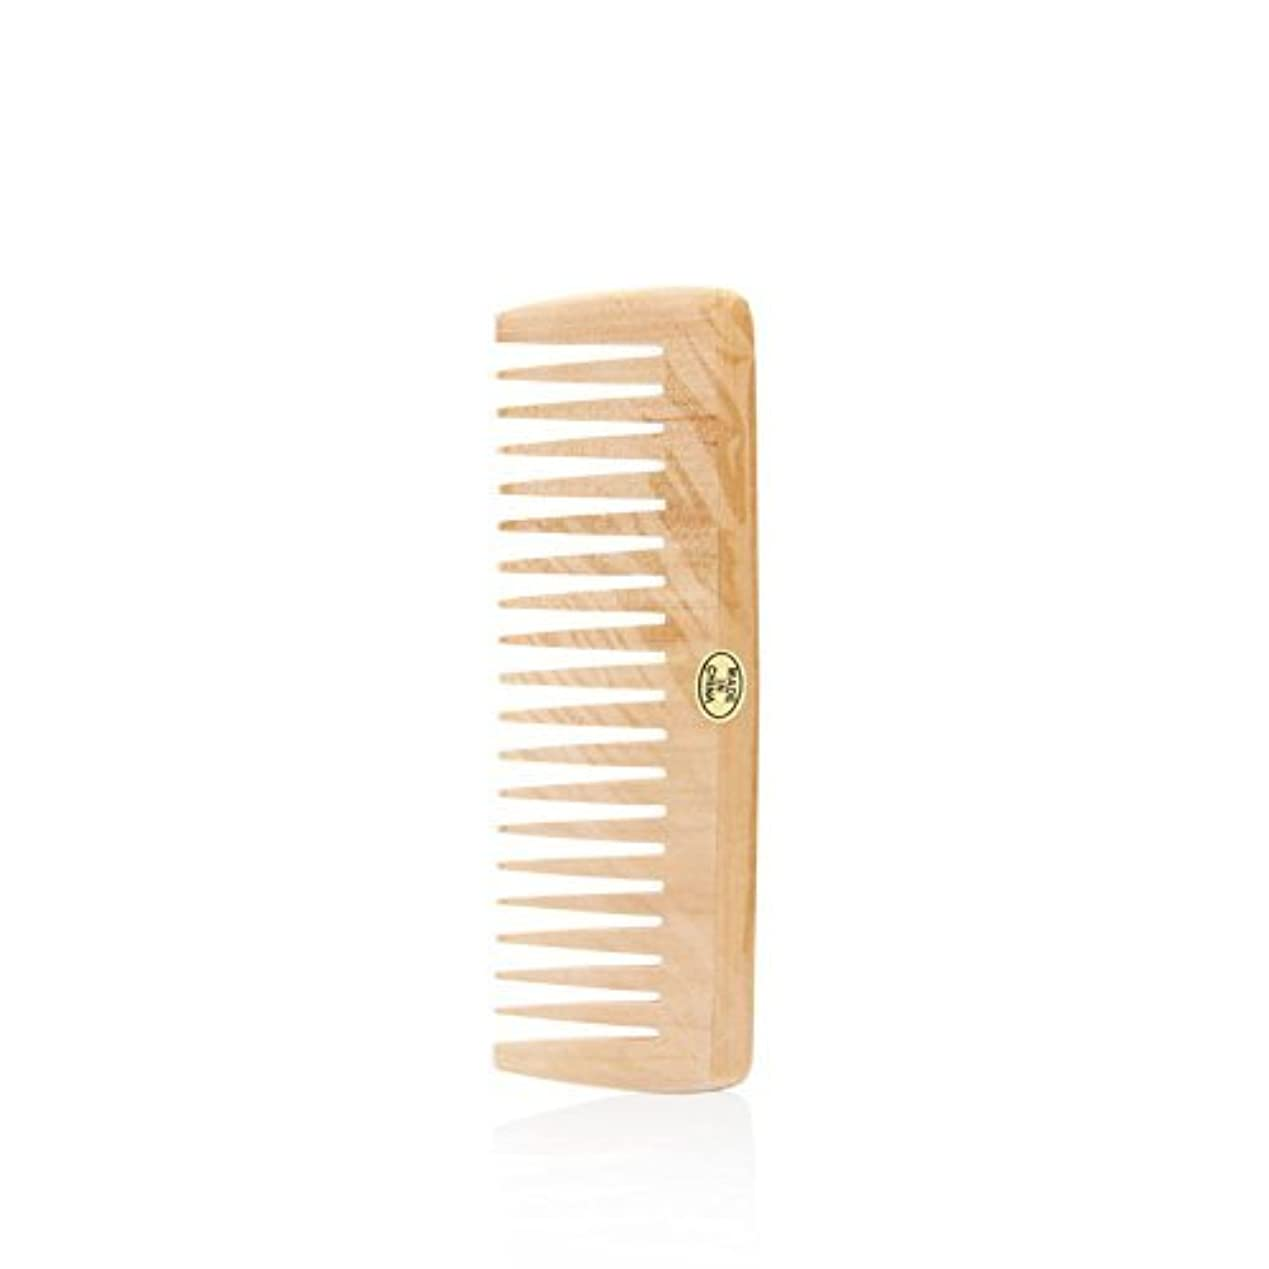 拡声器高度テレマコスBath Accessories Wood Detangling Comb [並行輸入品]